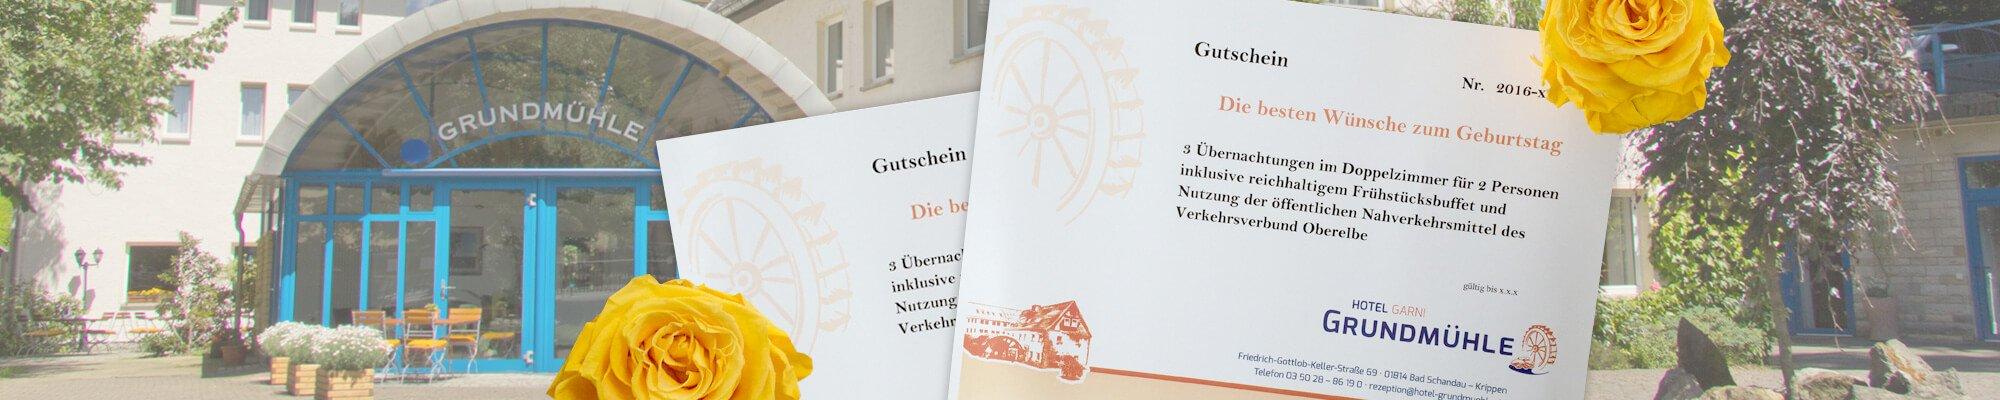 Gutschein Hotel Grundmühle